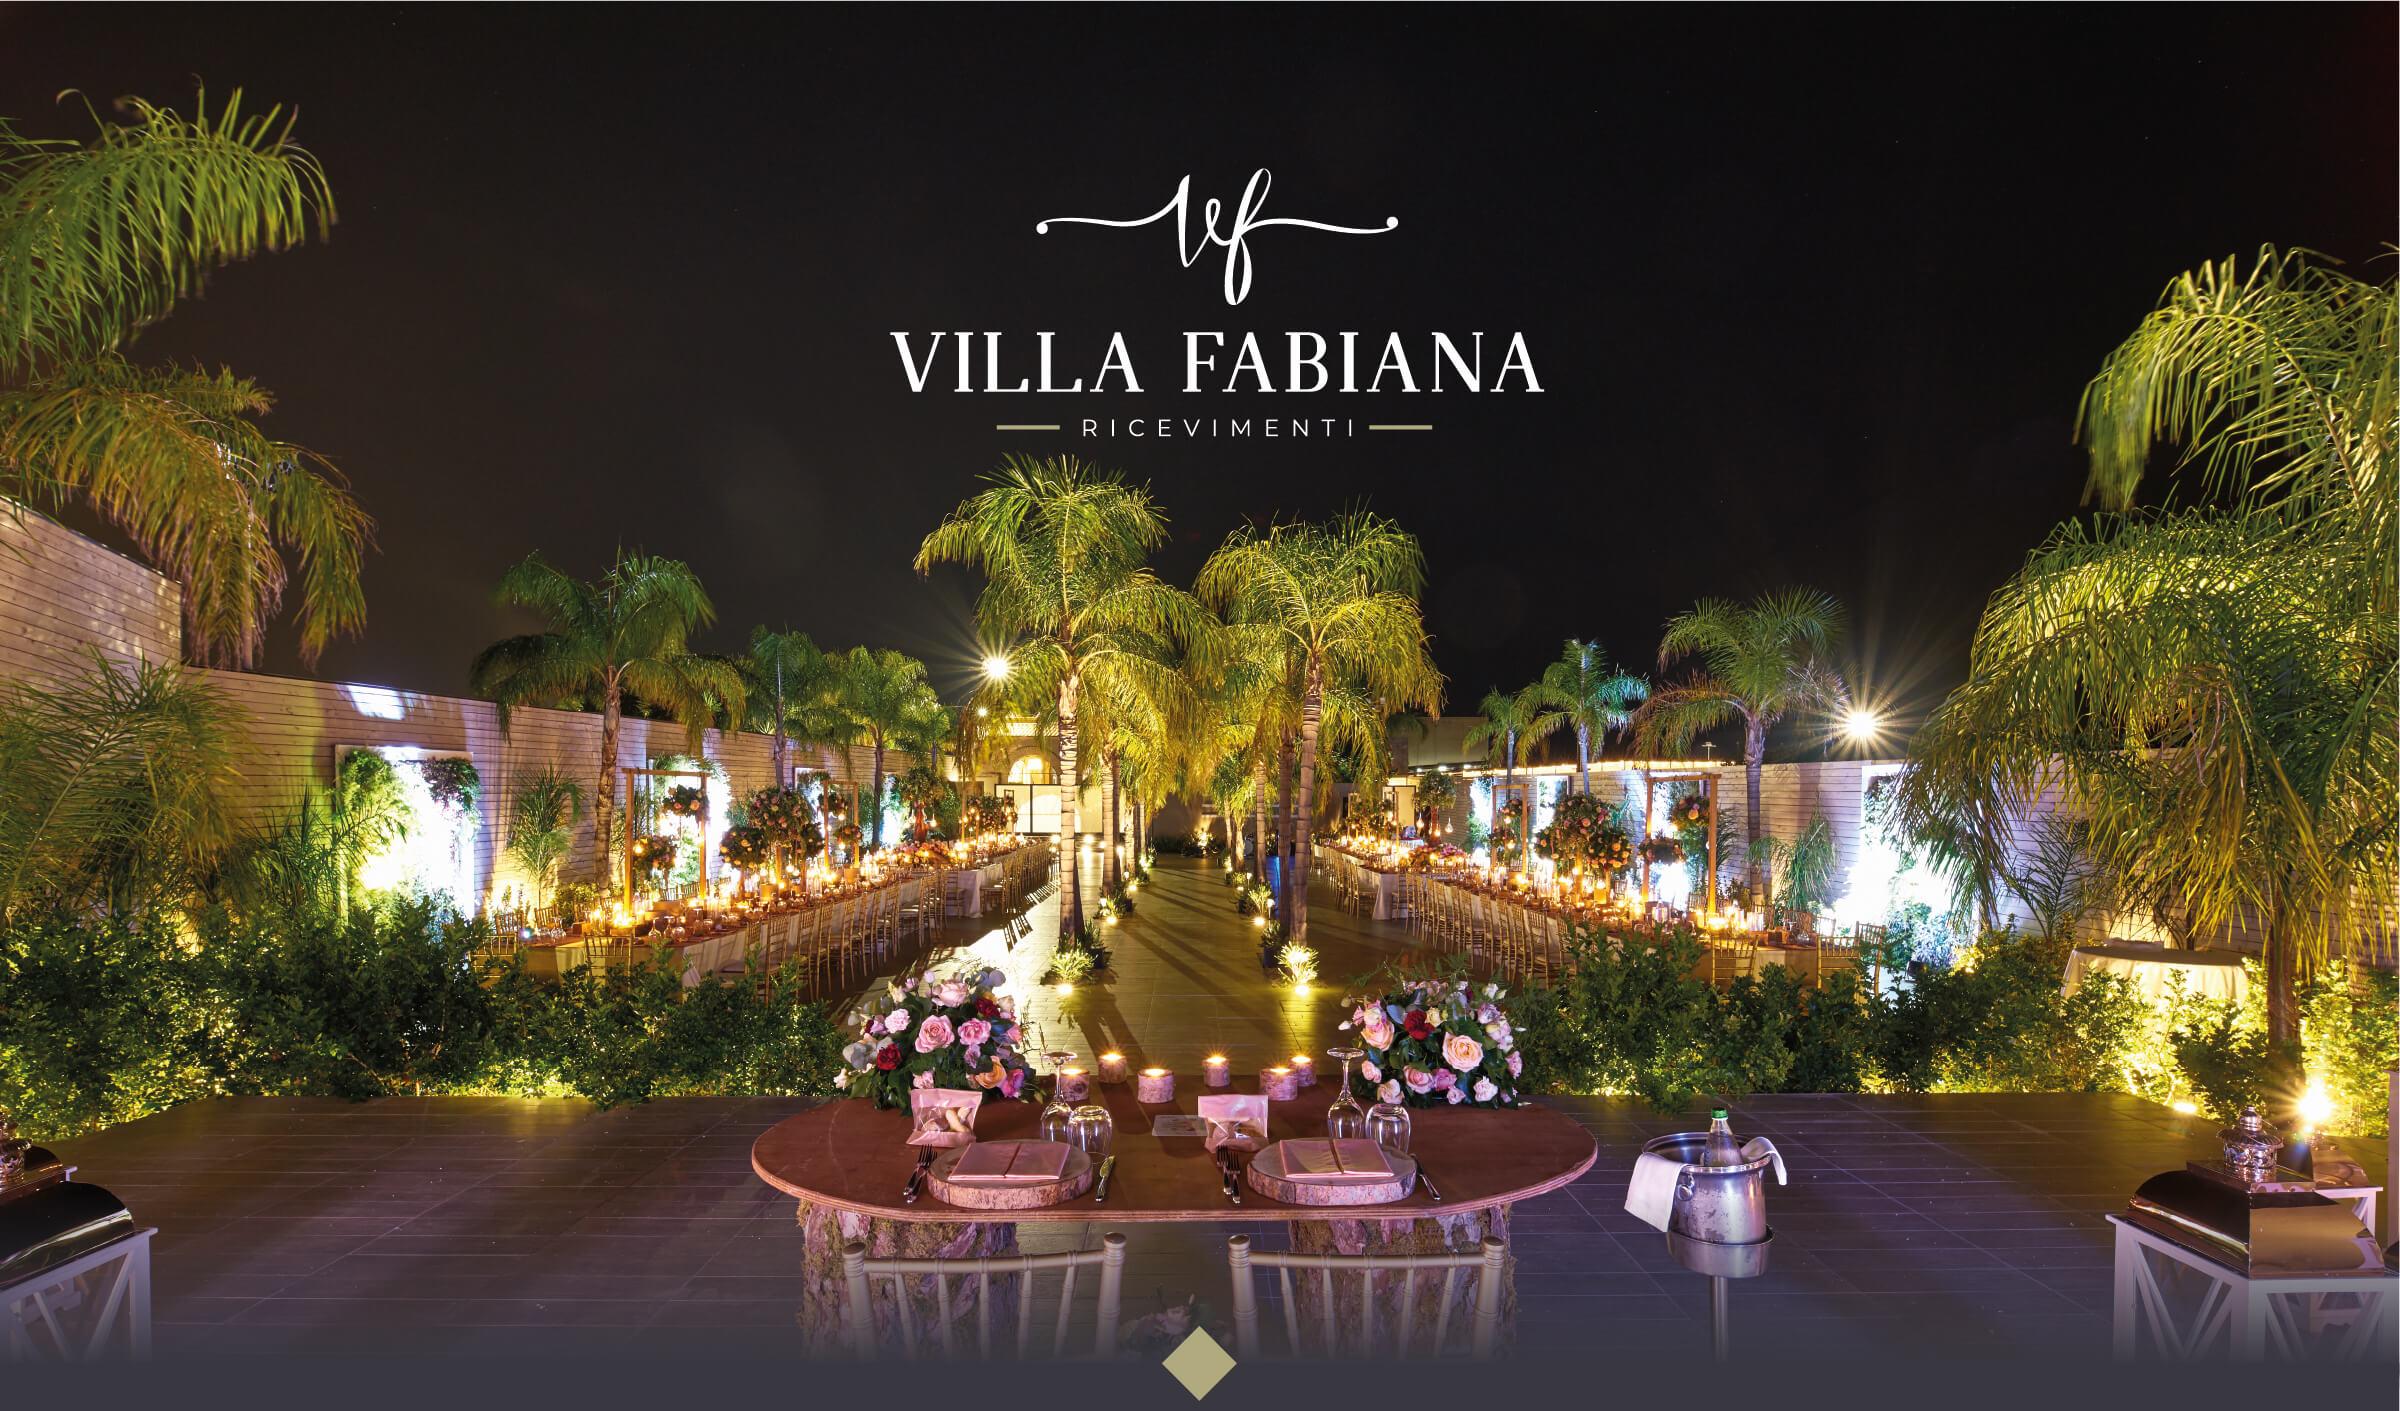 Villa Fabiana Ricevimenti - La Location